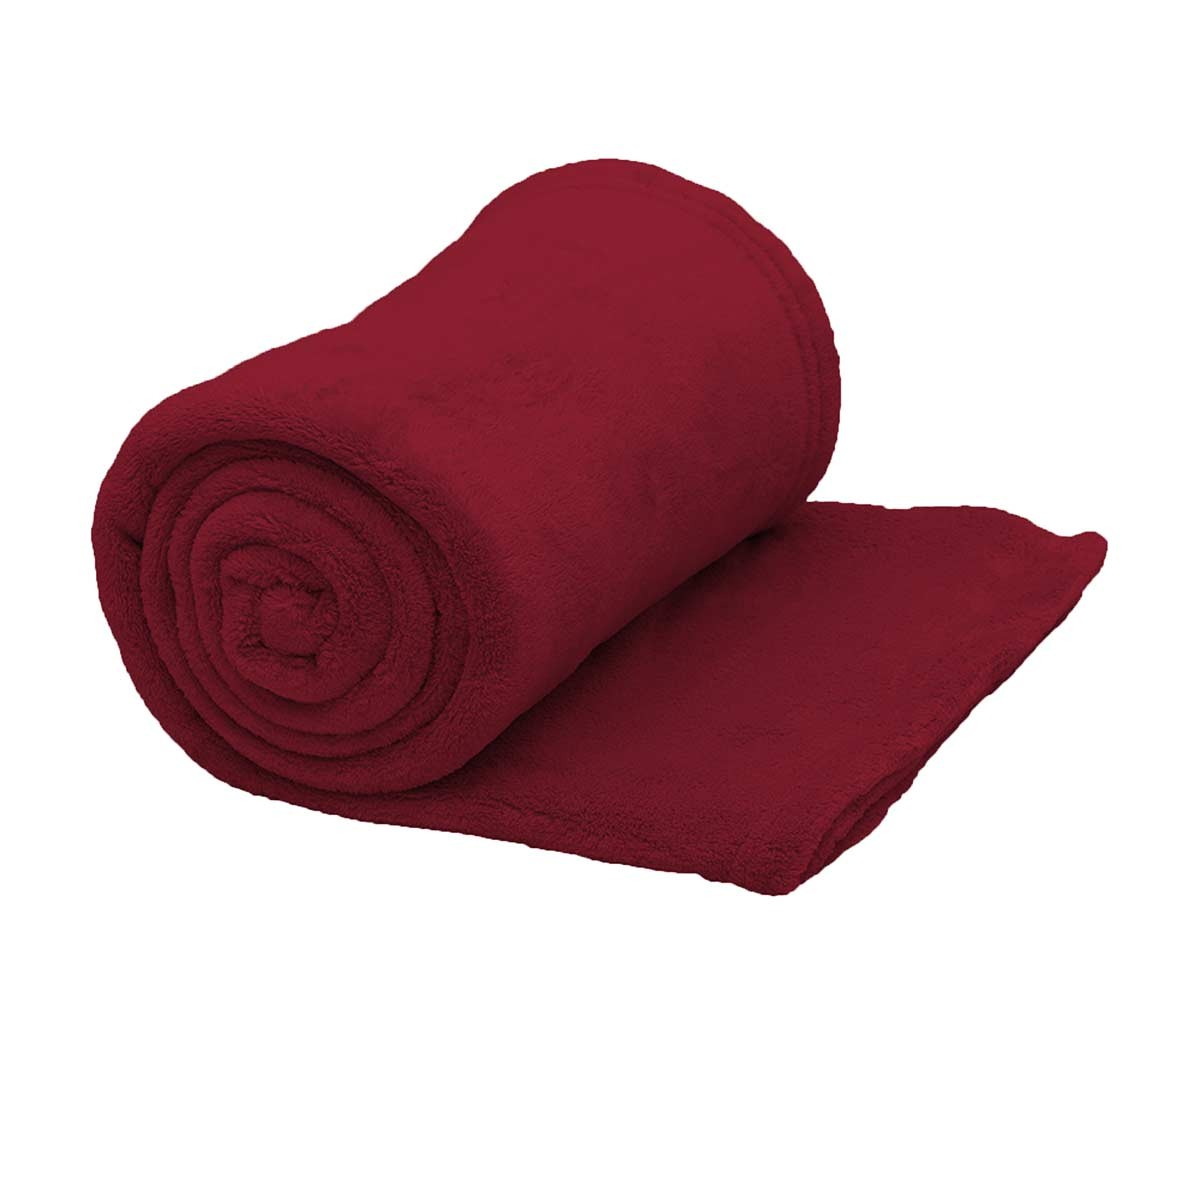 Κουβέρτα Fleece Μονή Viopros Μπορντώ